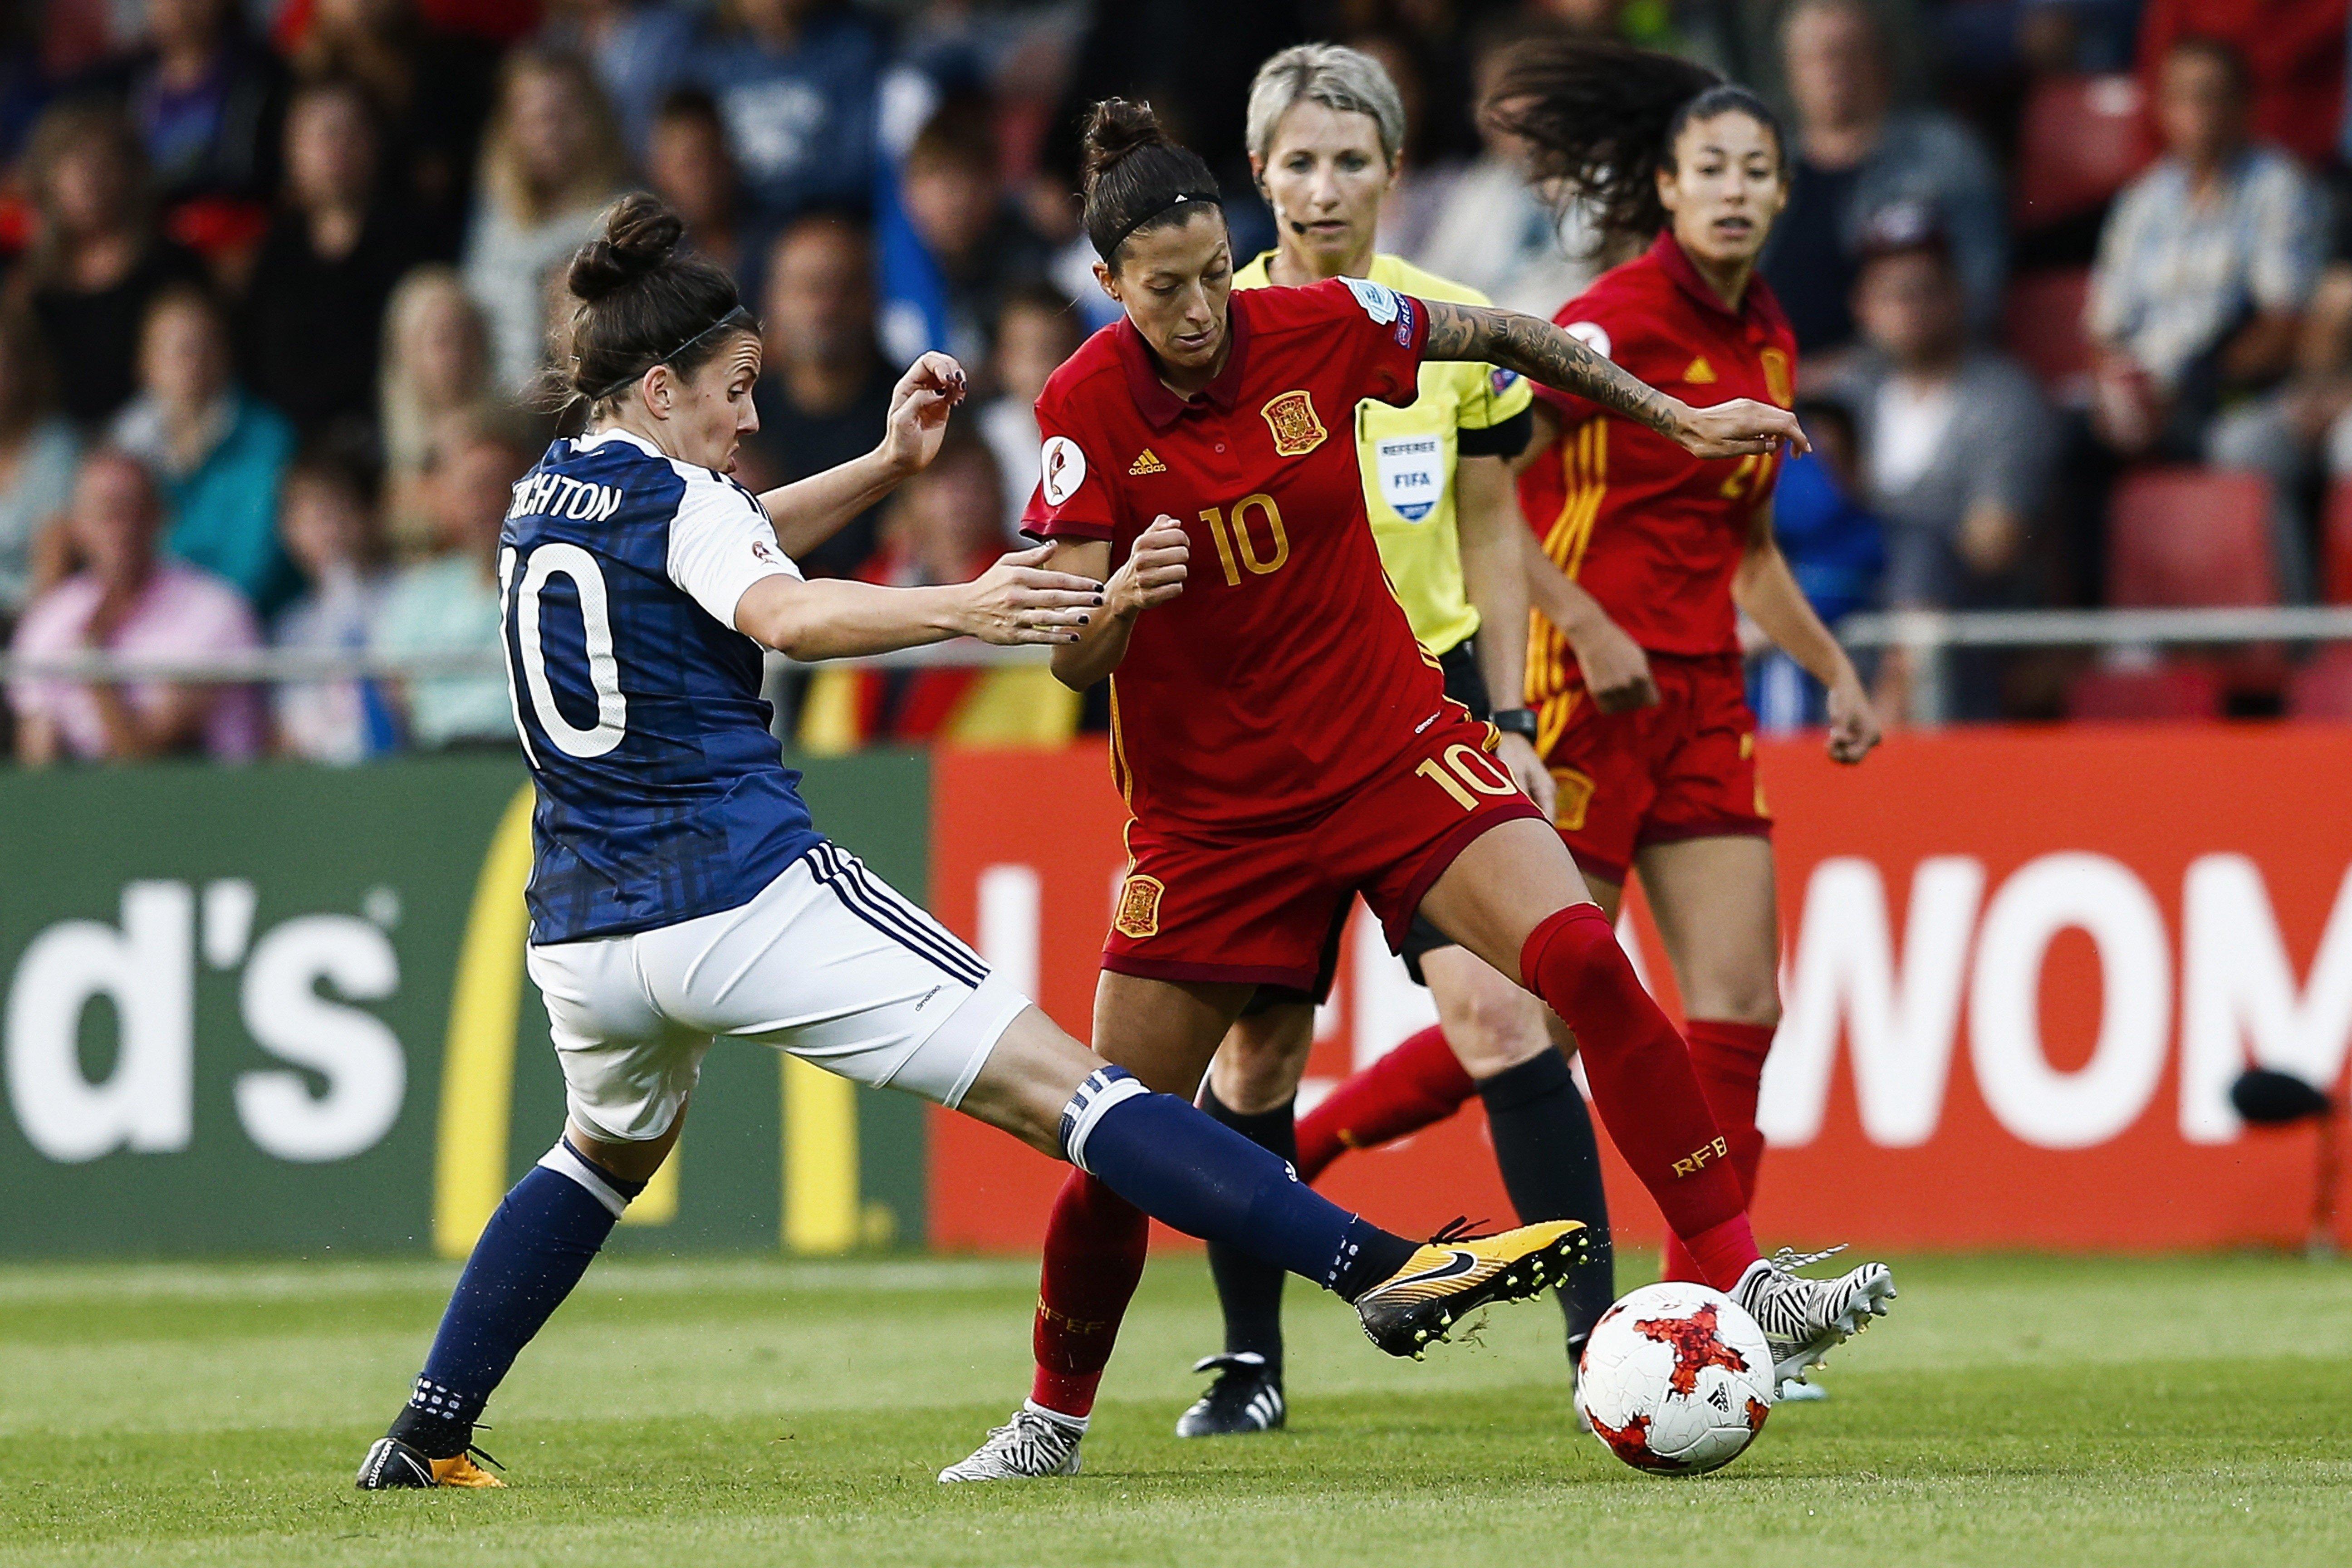 Espanya Escocia Europeu femeni   EFE